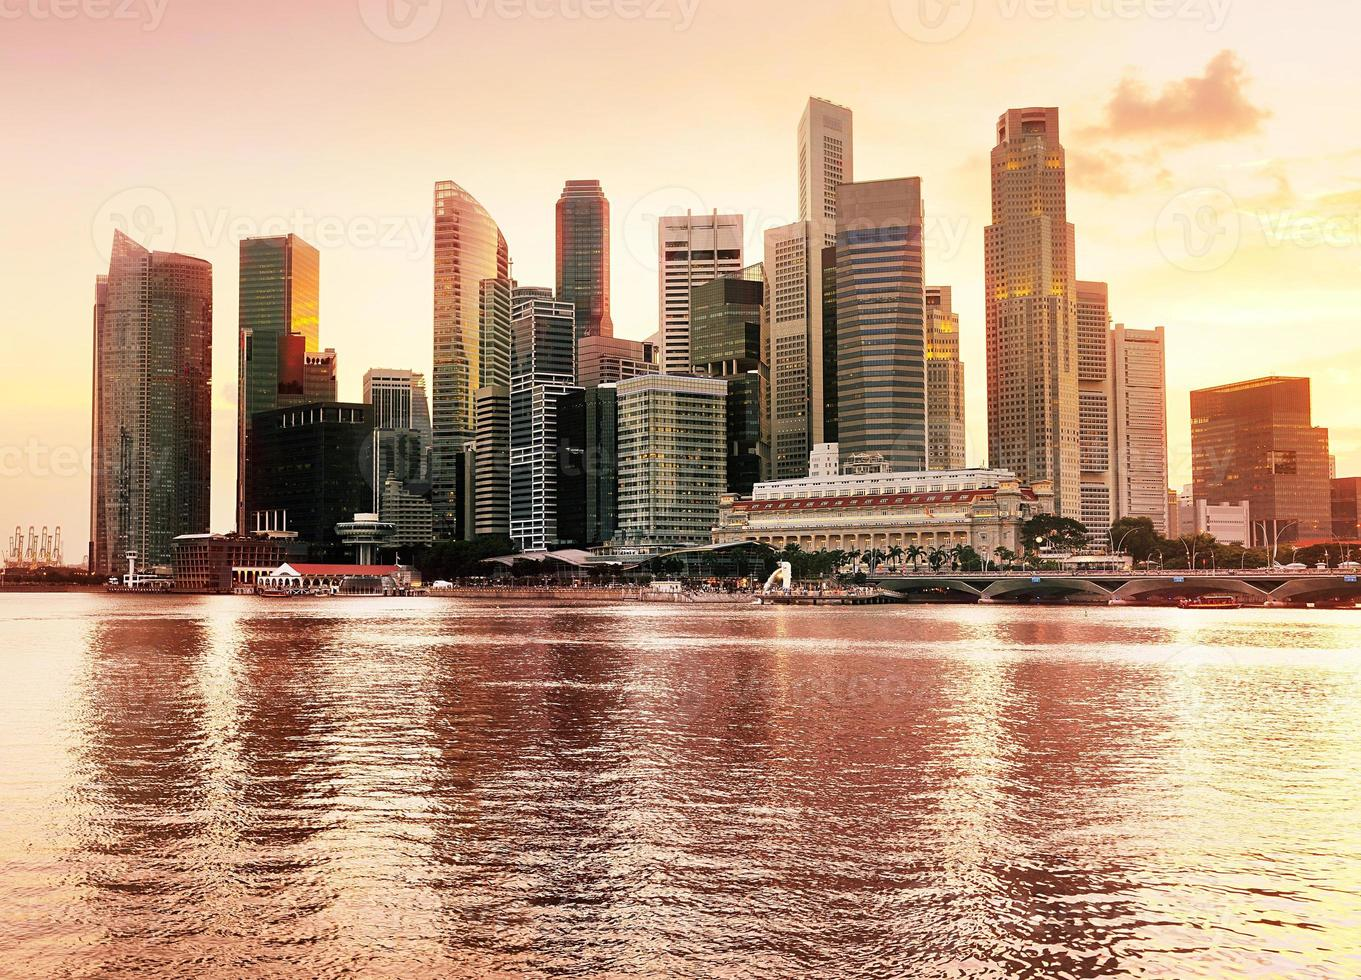 vista del centro di Singapore foto